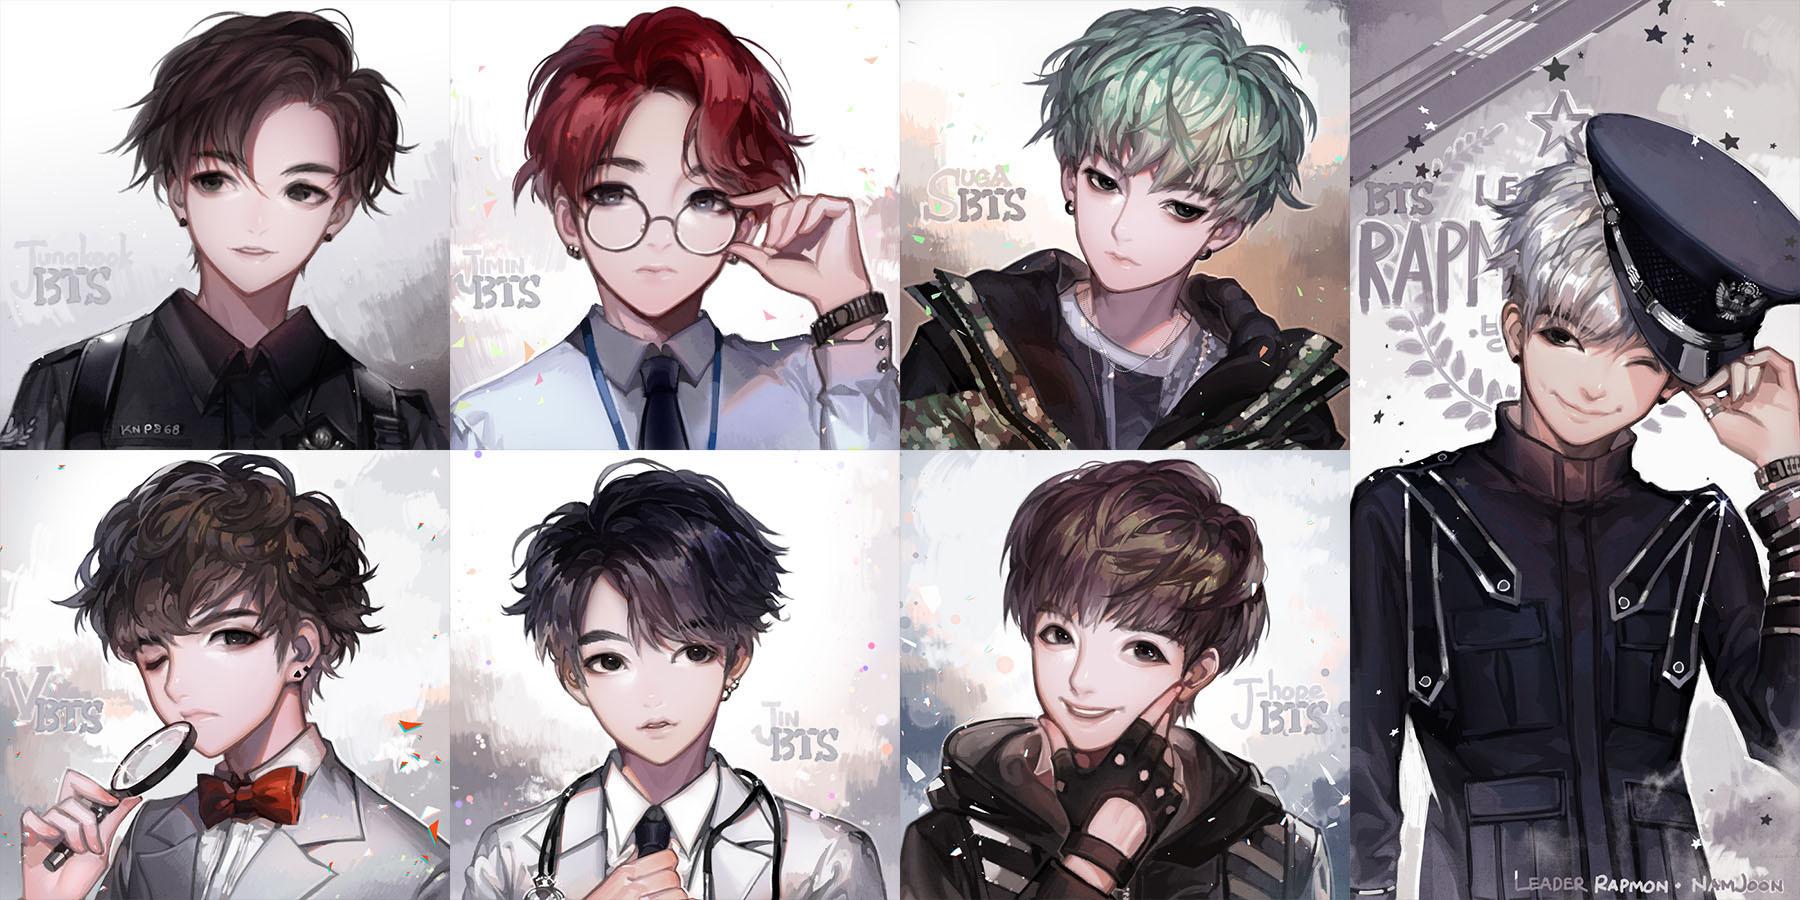 Hình ảnh thành viên bts anime